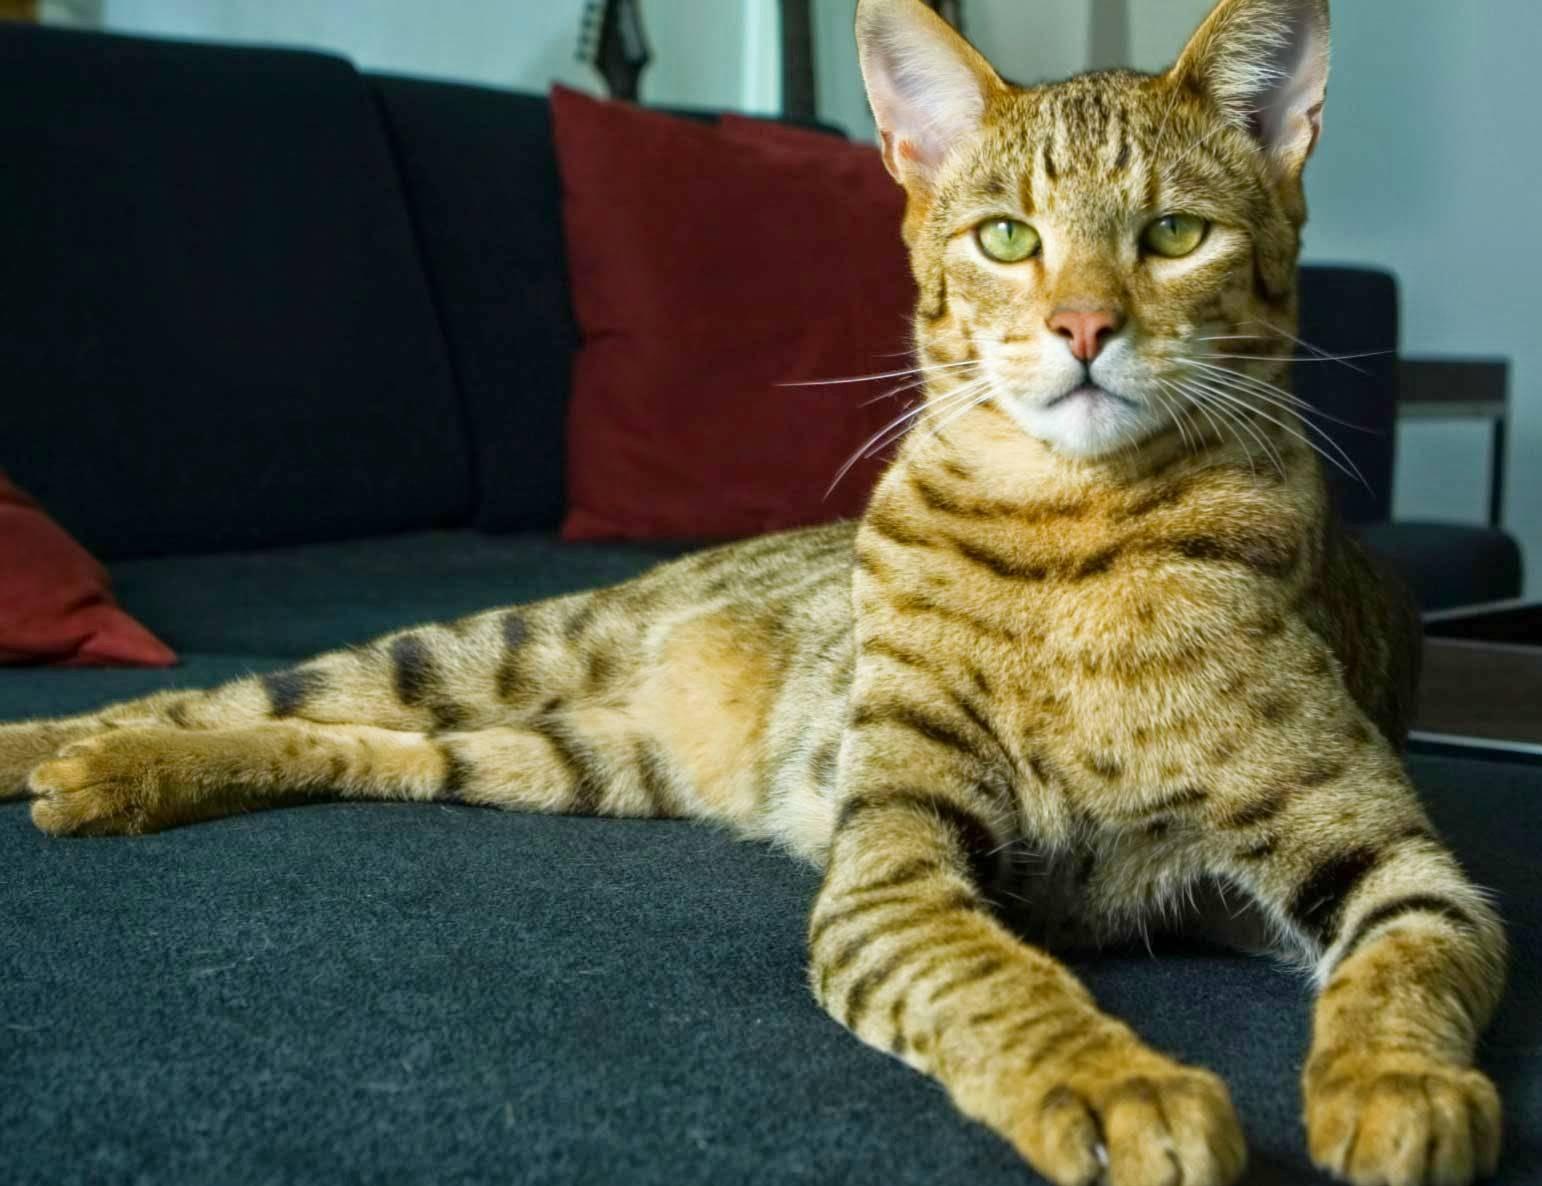 Выбираем пол животного: кто лучше кот или кошка?